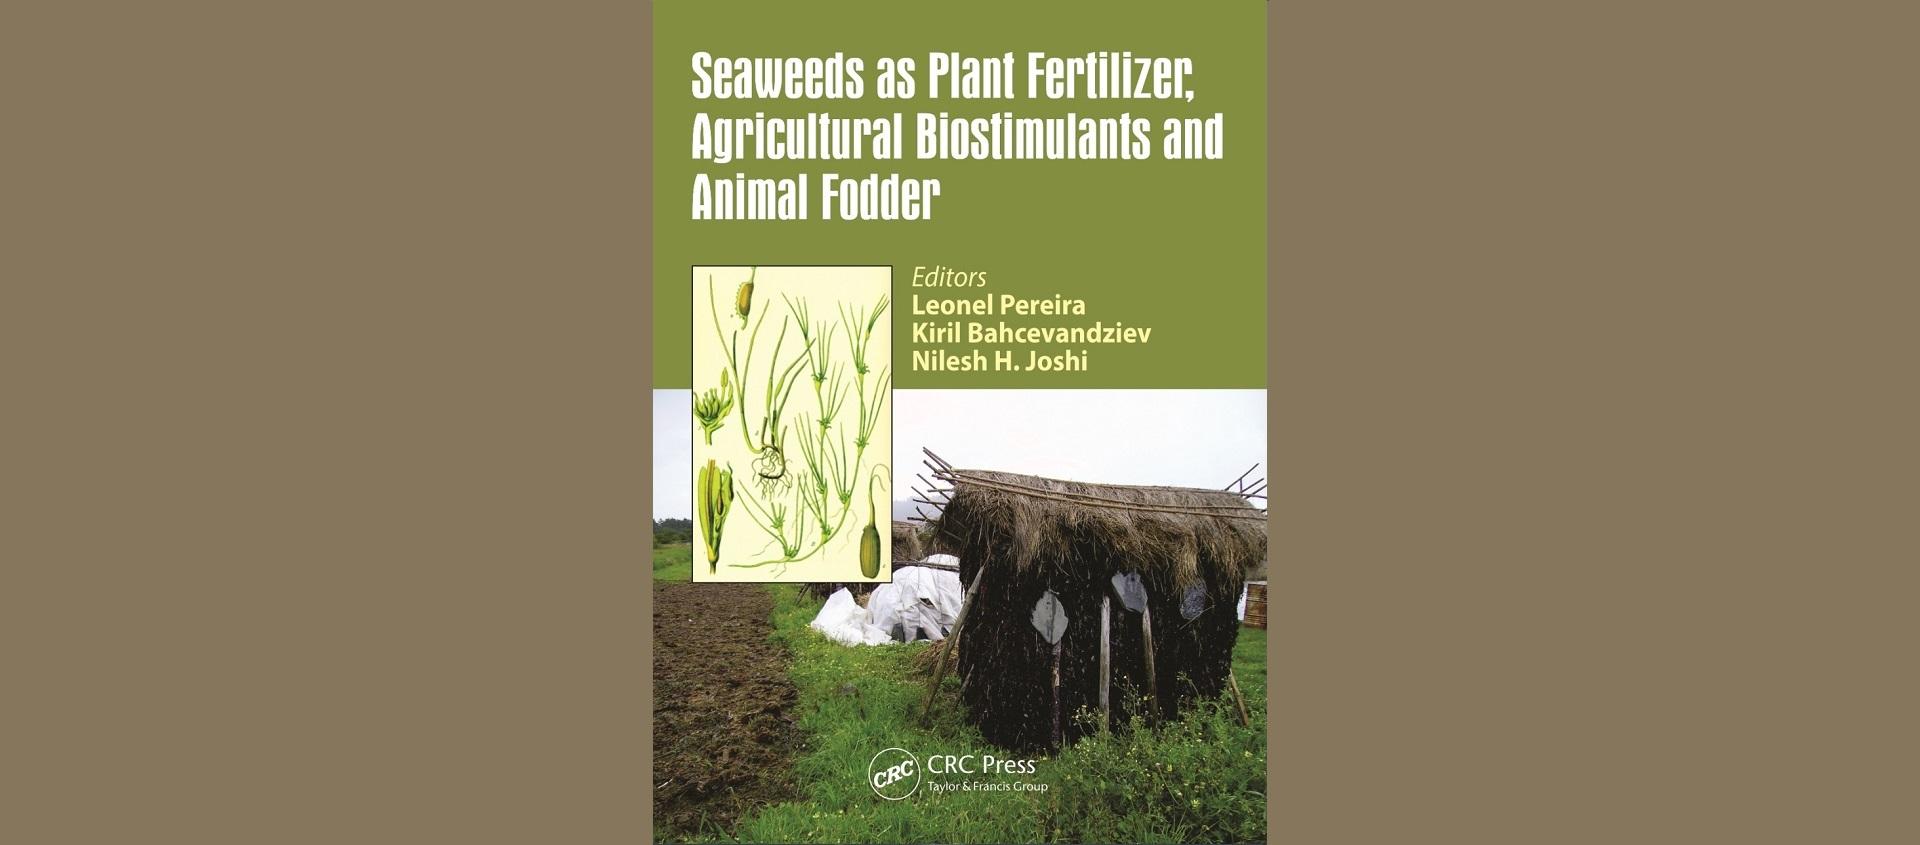 Algas como fertilizantes, bioestimulantes agrícolas e forragens para animais    .